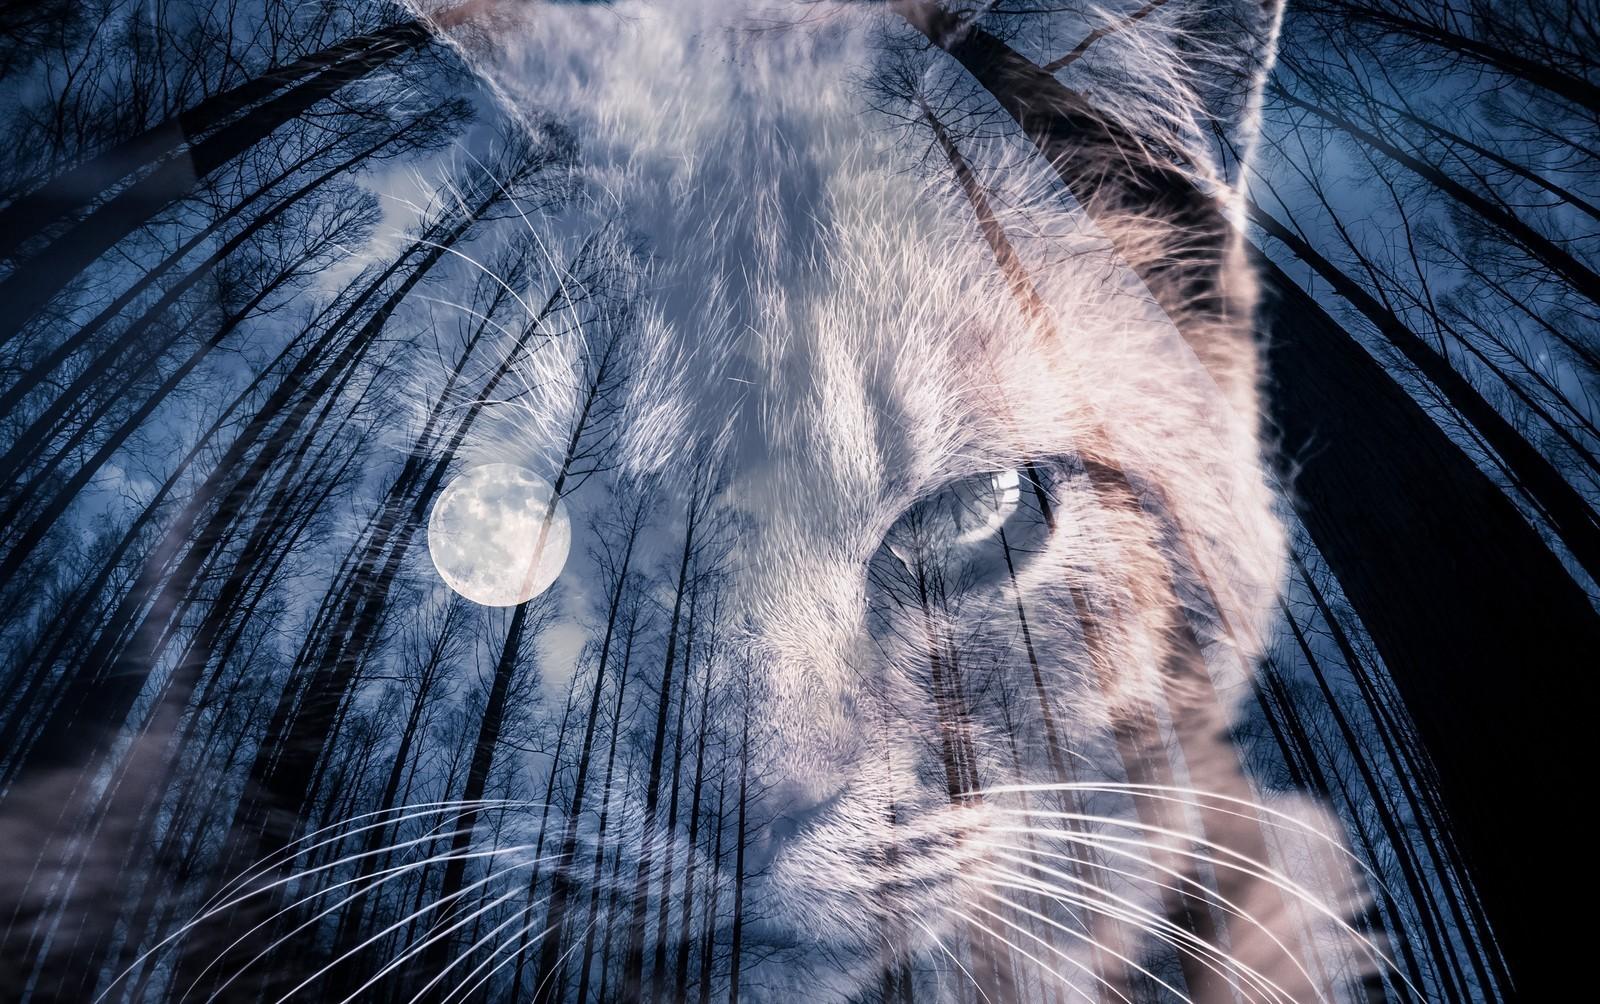 moonandcat_TP_V.jpg